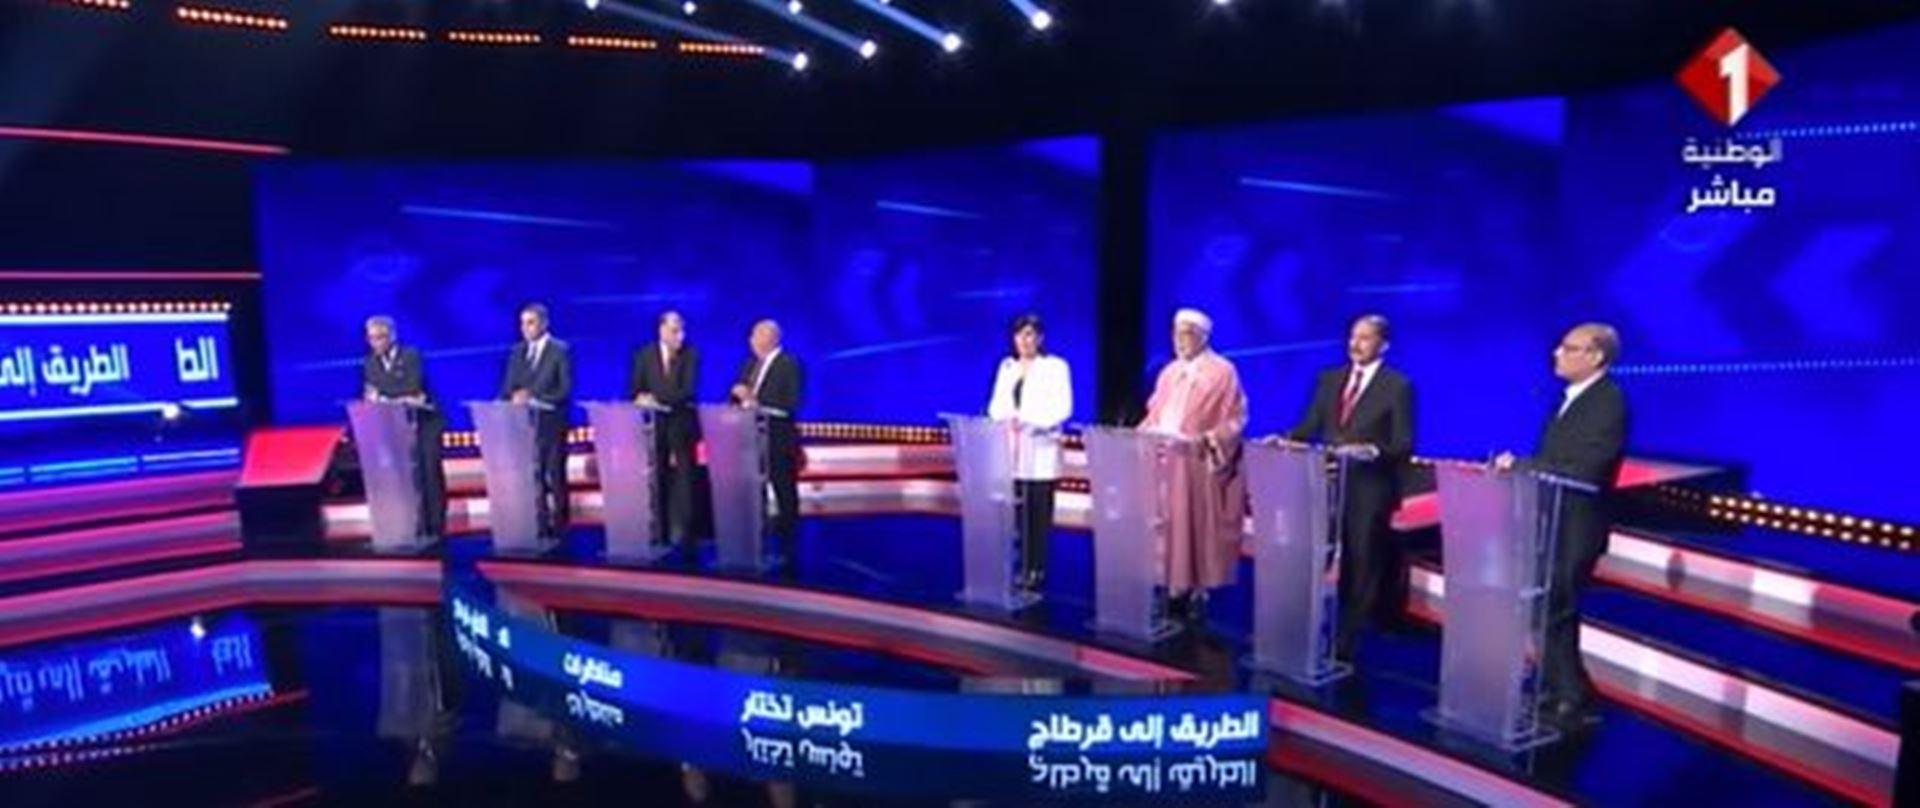 Tunisie : la télé nationale prête à organiser un débat en prison pour le 2nd tour de la Présidentielle